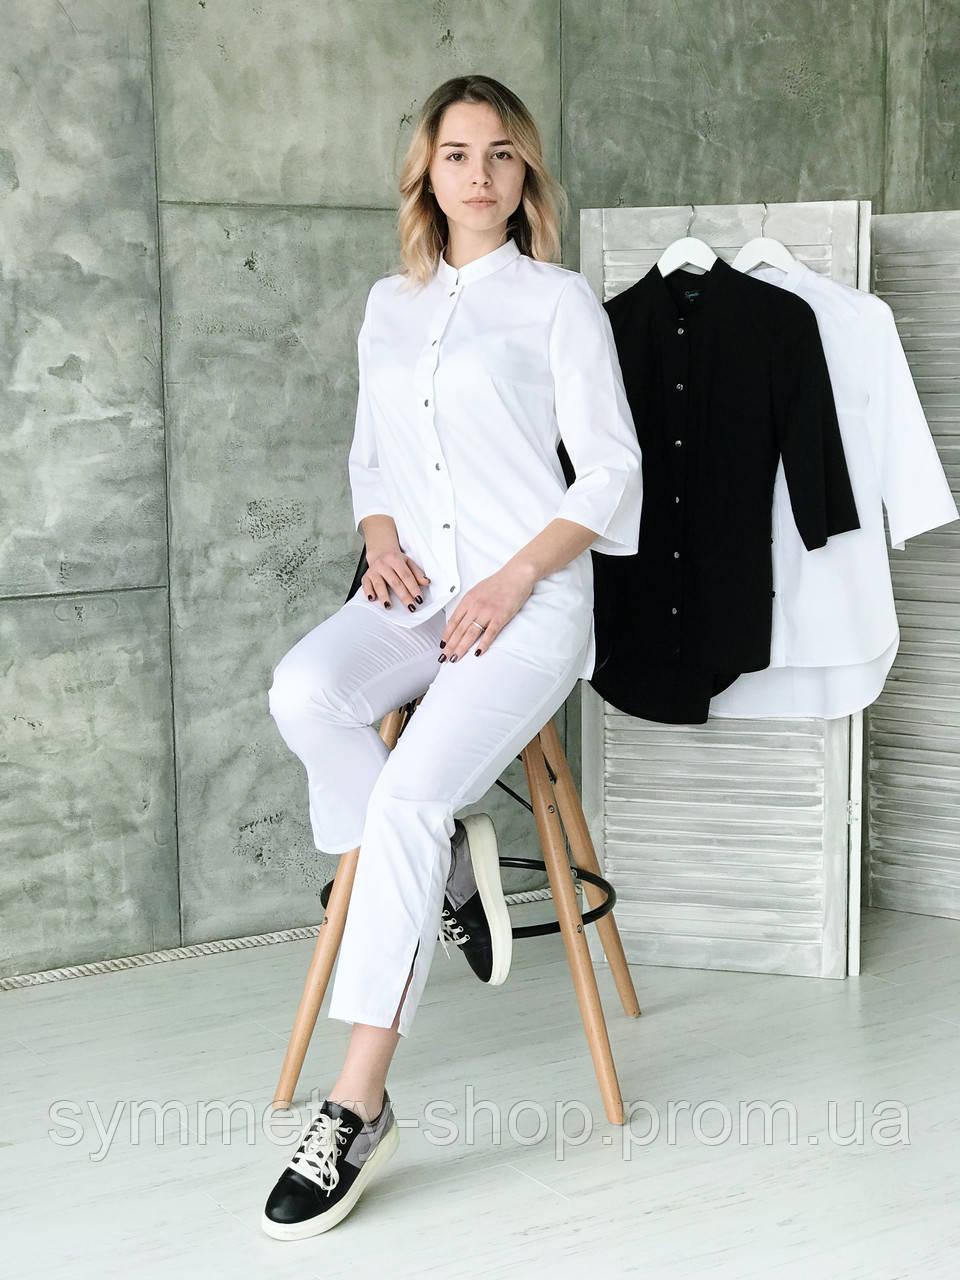 Костюм медицинский 0402 (с укороченными брюками), белый